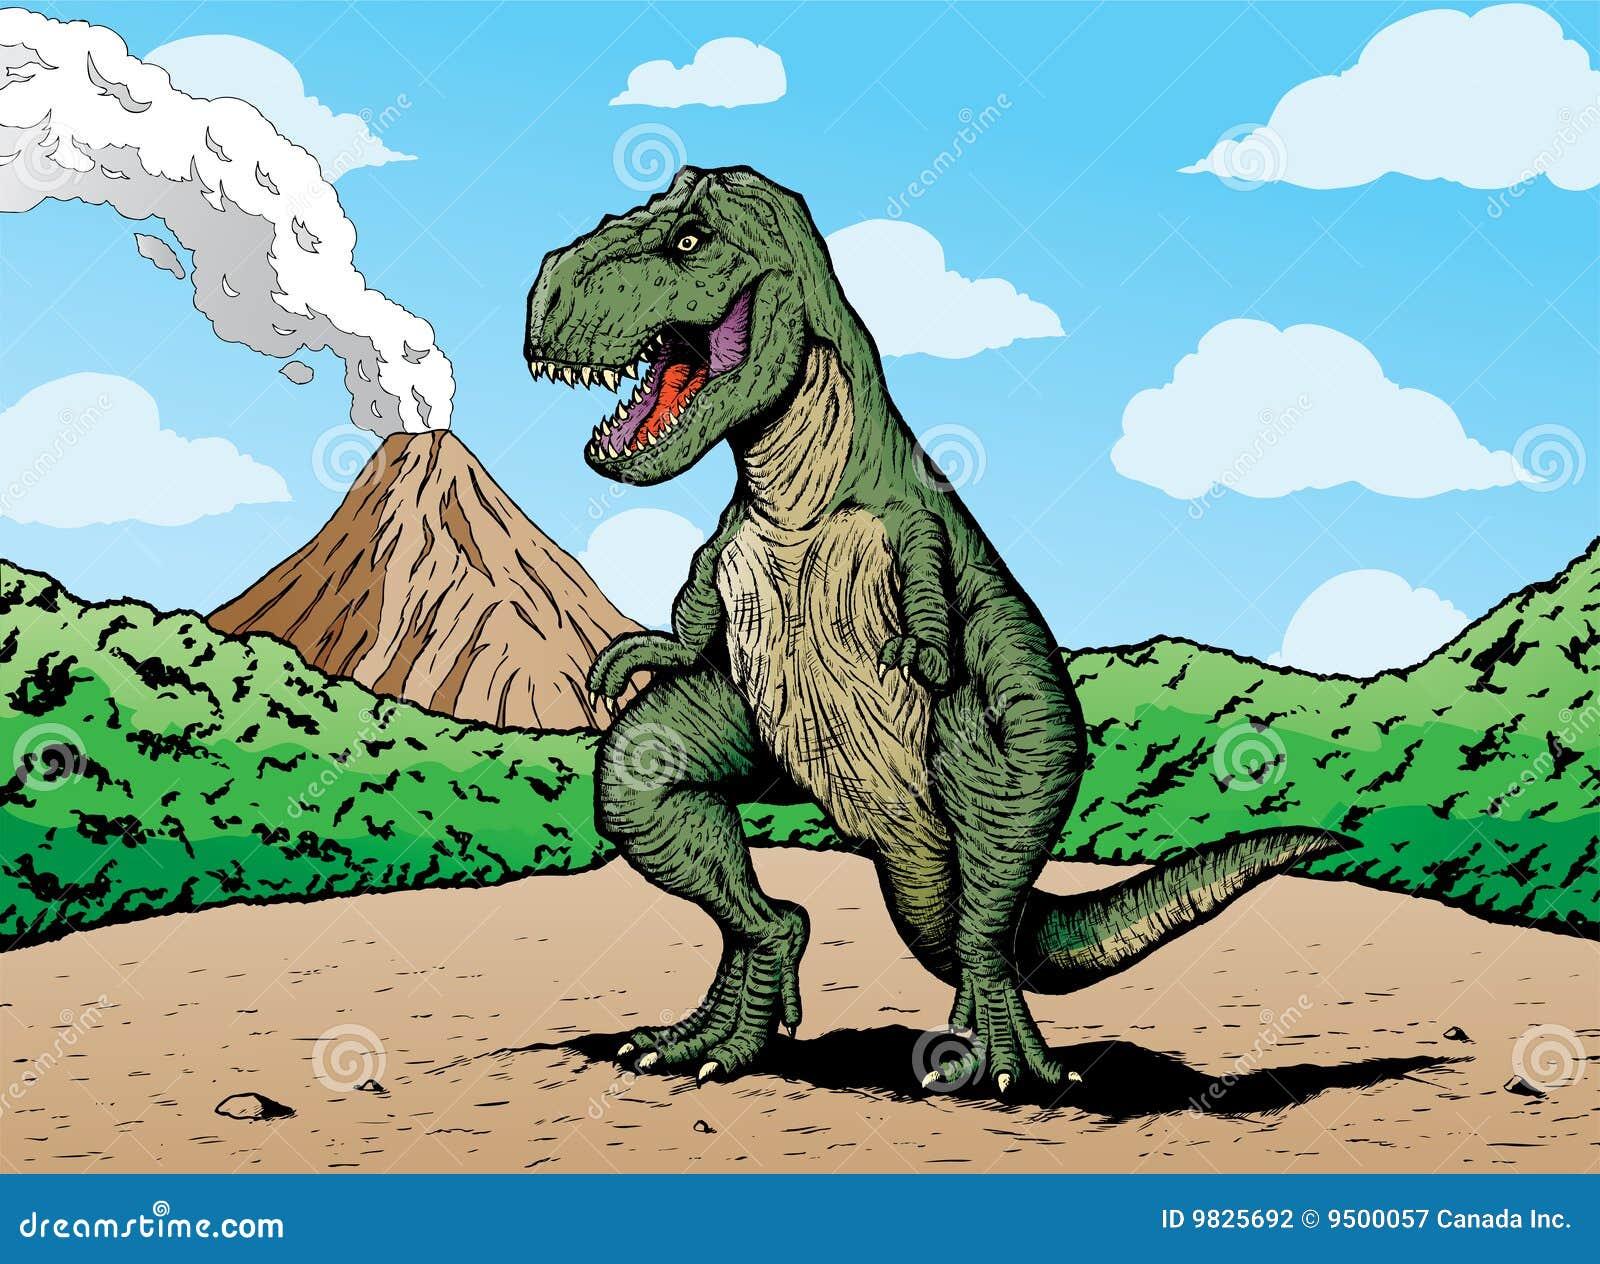 Comic book T-rex